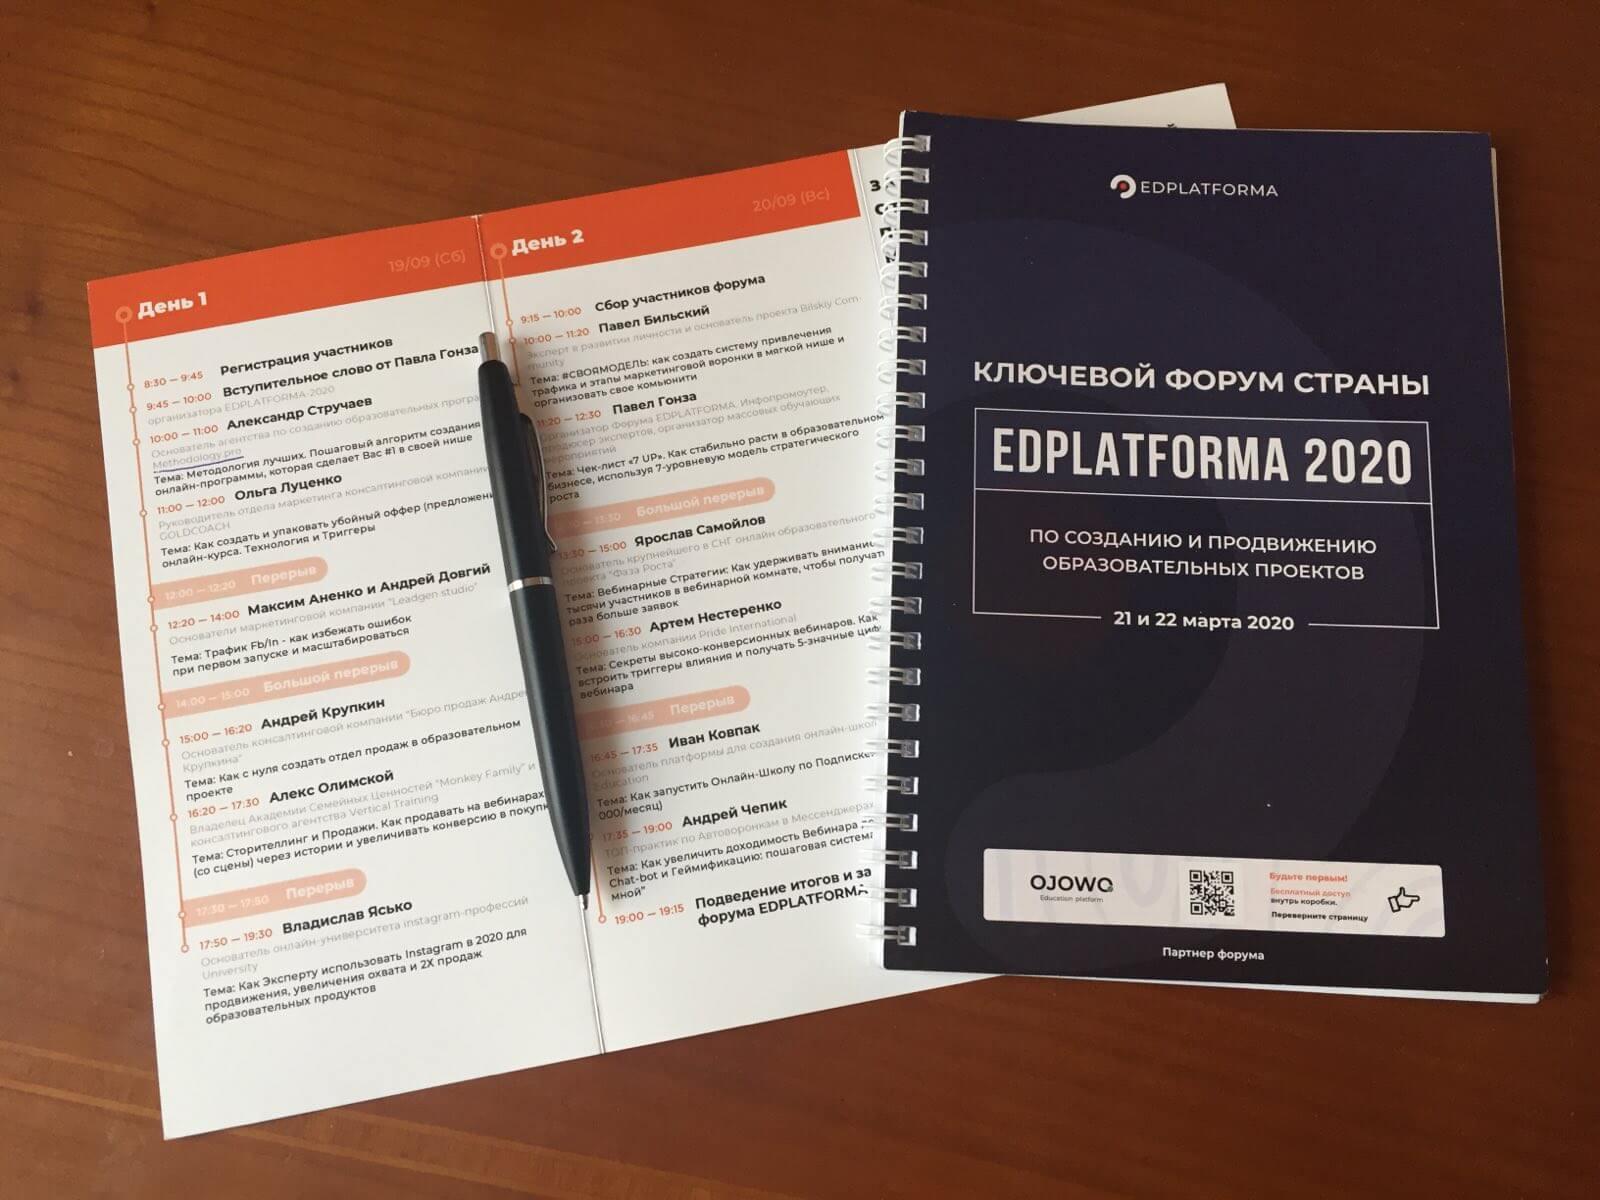 Фото Ключевой форум по созданию и продвижению образовательных проектов